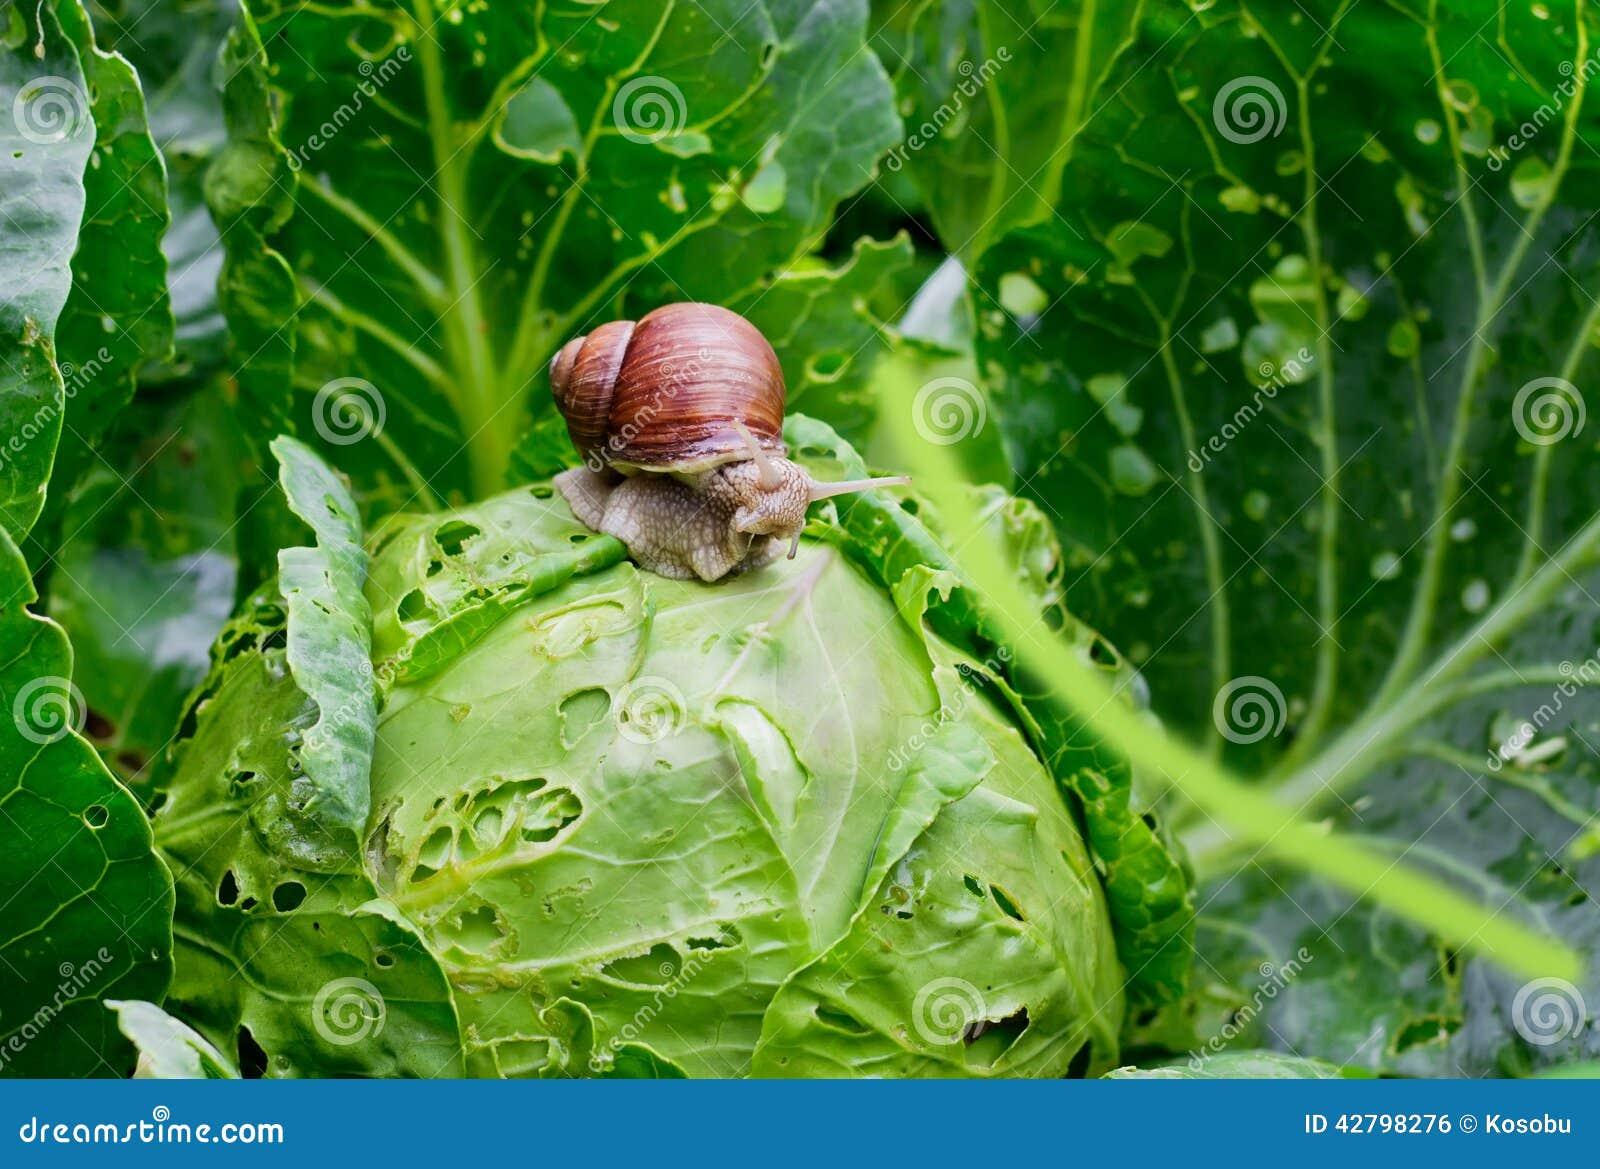 Улитка сидит на капусте в саде